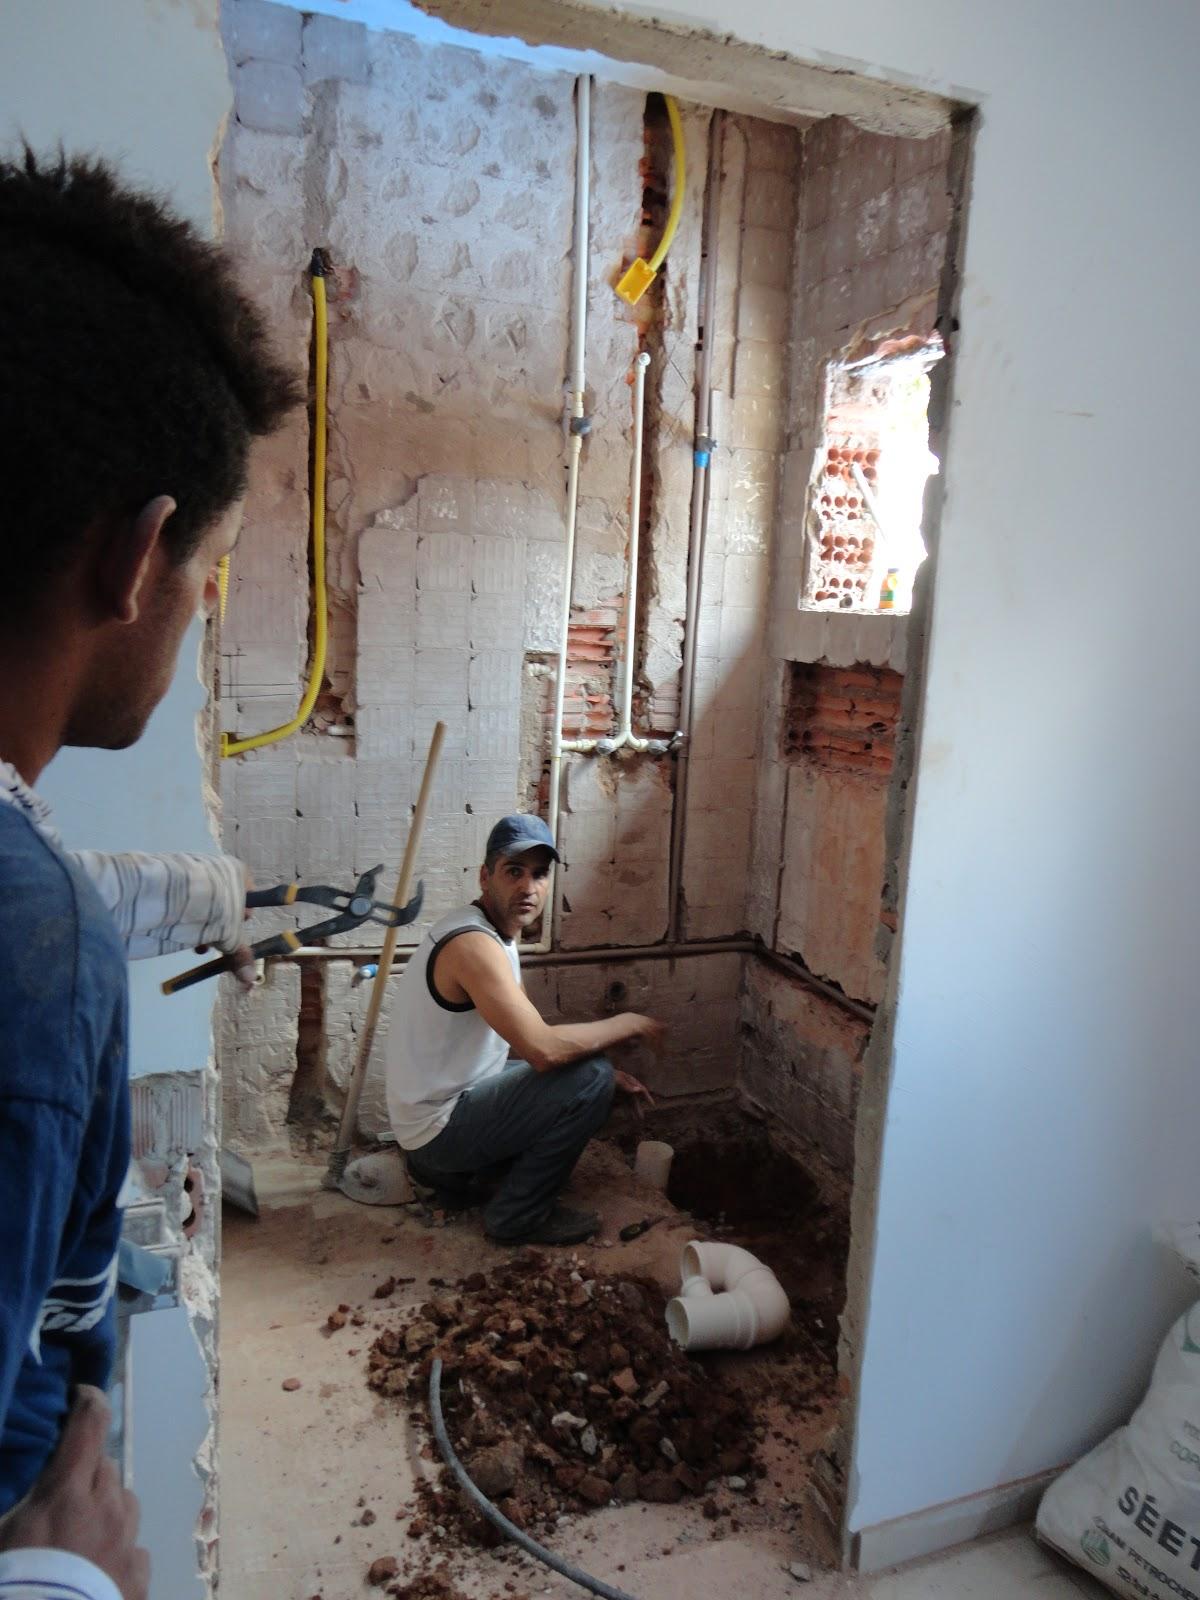 reforma de nossa casa: Quebra quebra no banheiro da suite #2C4462 1200 1600